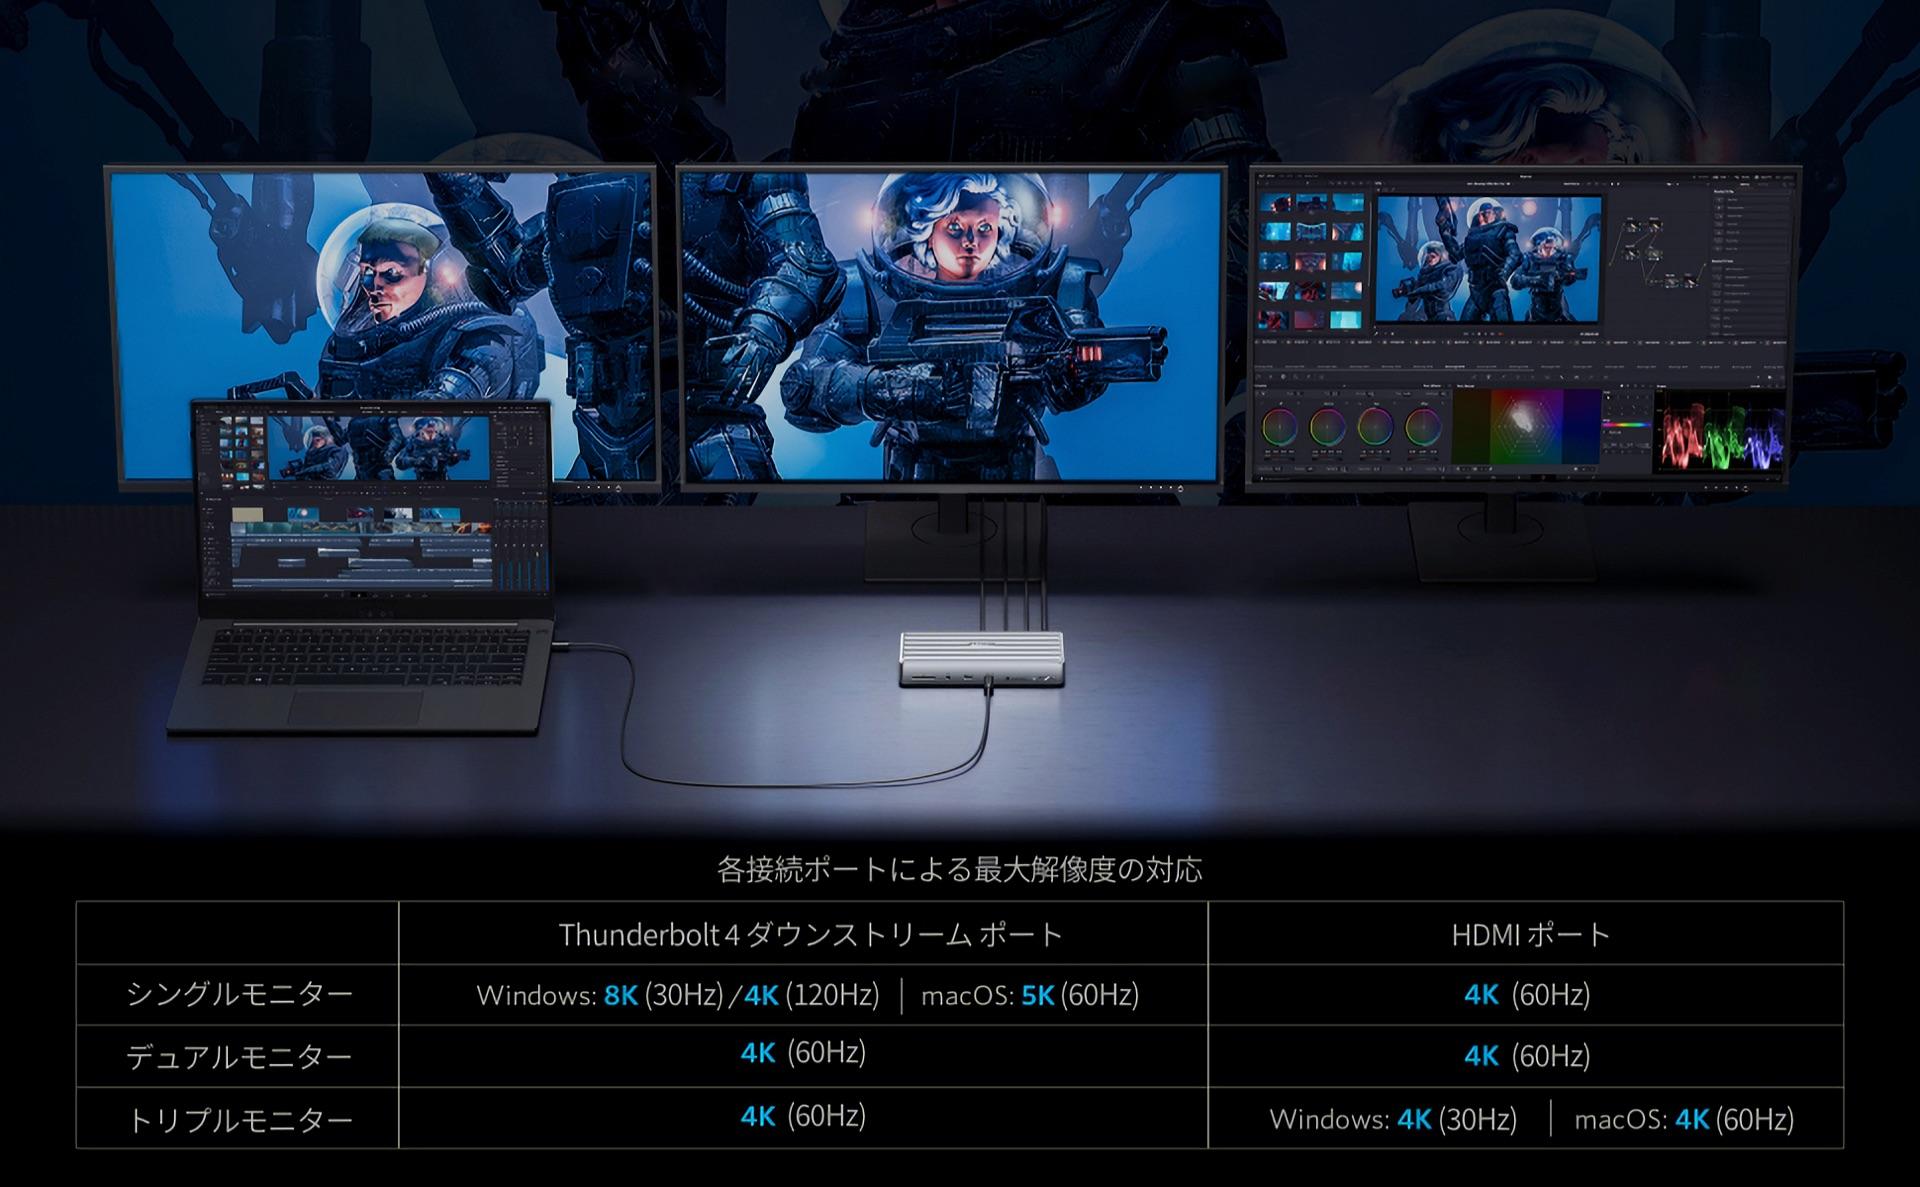 Anker PowerExpand Elite 12-in-1 Thunderbolt 4 Dock